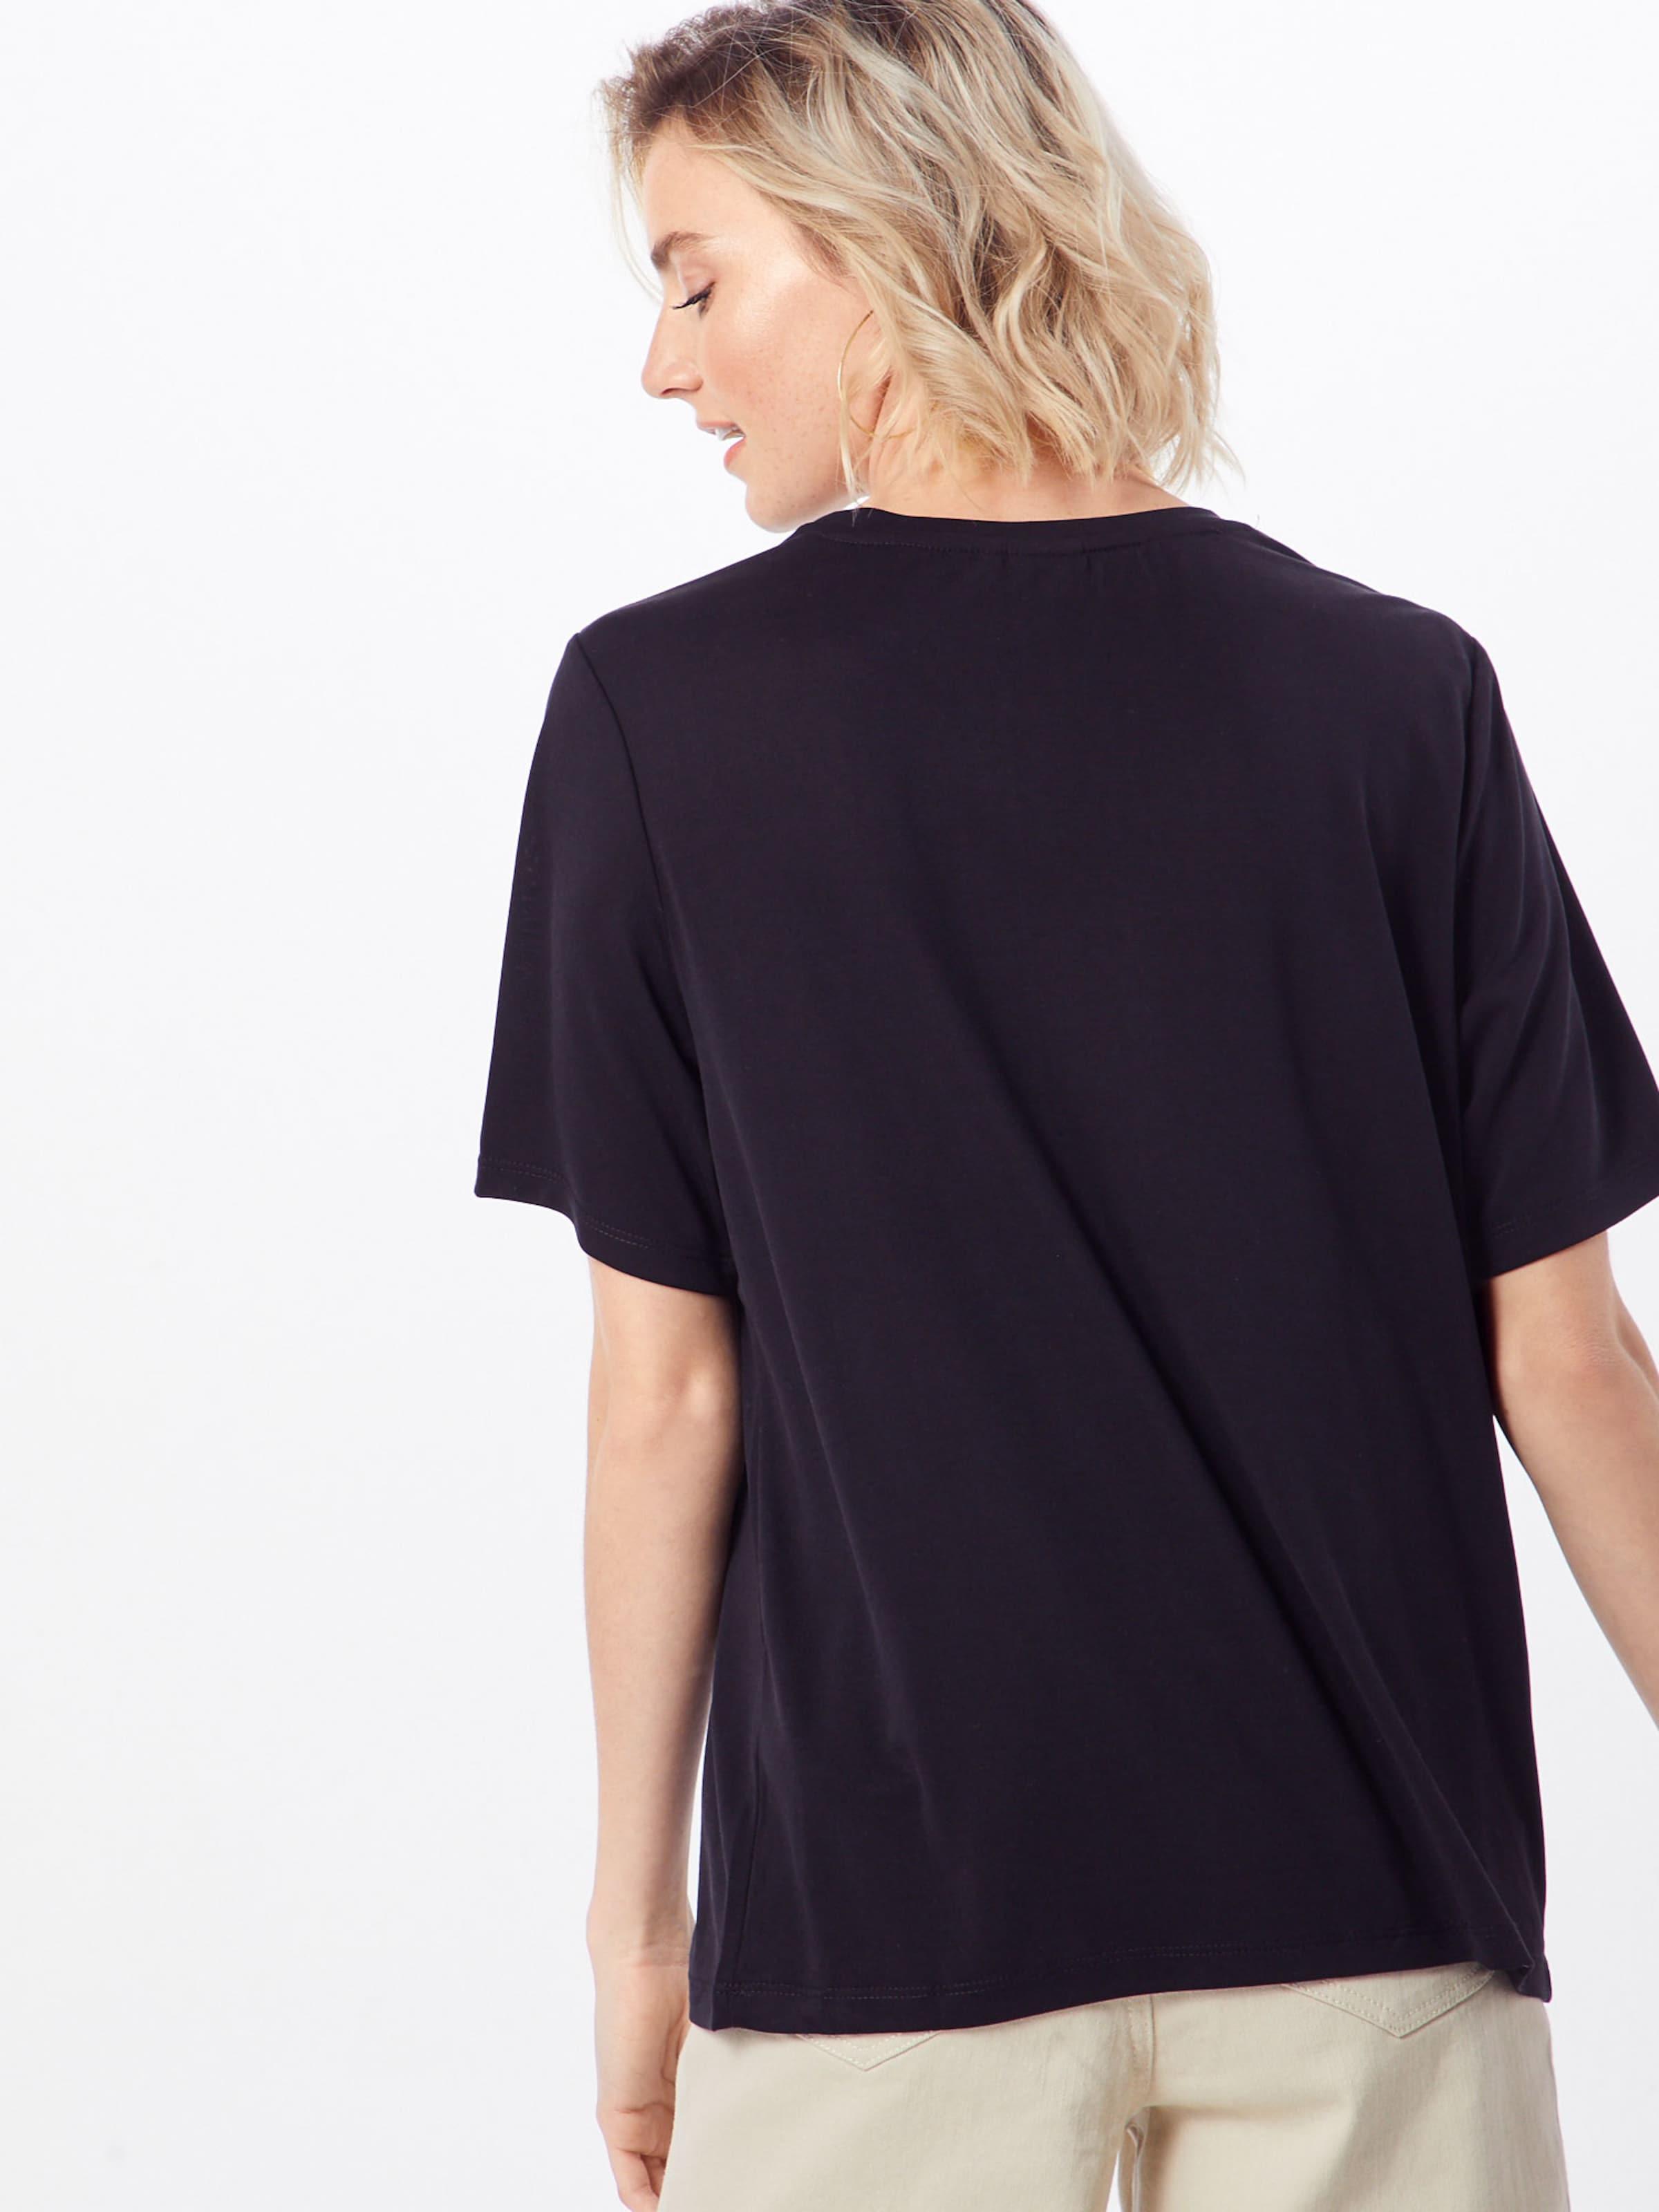 Zwart In Shirt Ichi Shirt In Zwart Ichi 3uK1JcTlF